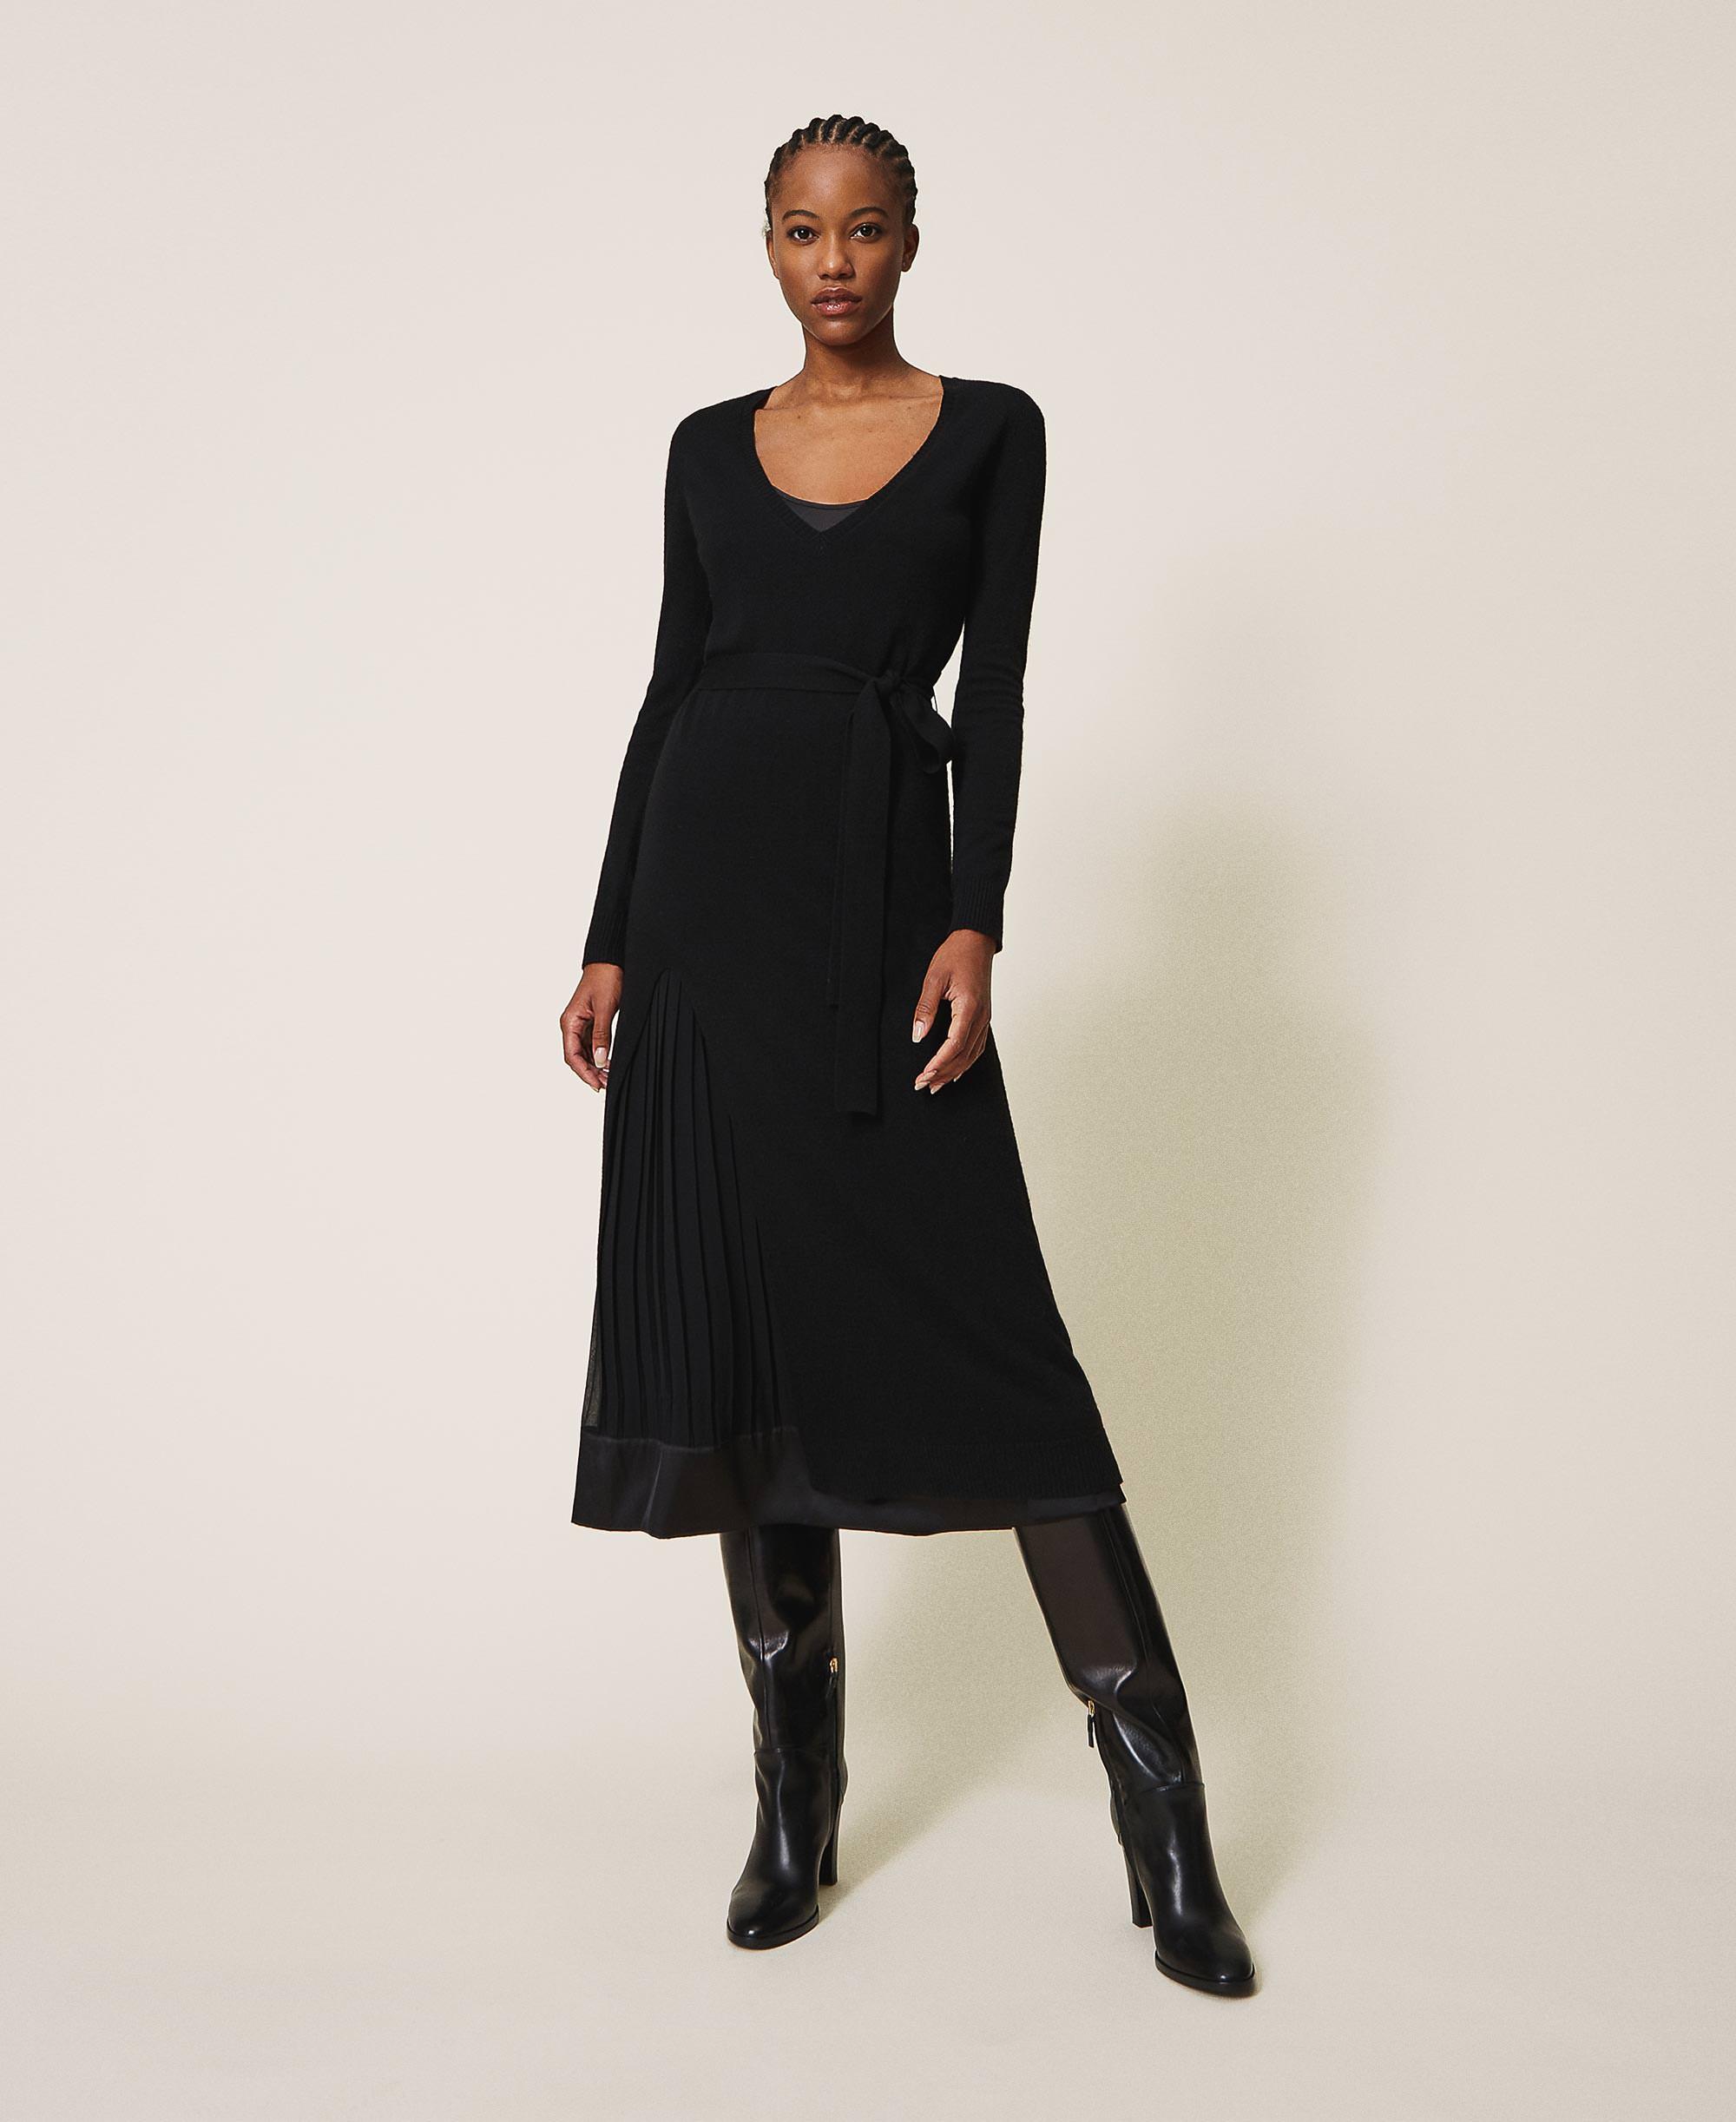 Kleid aus Wollmischung mit Unterkleid Frau, Schwarz  TWINSET Milano